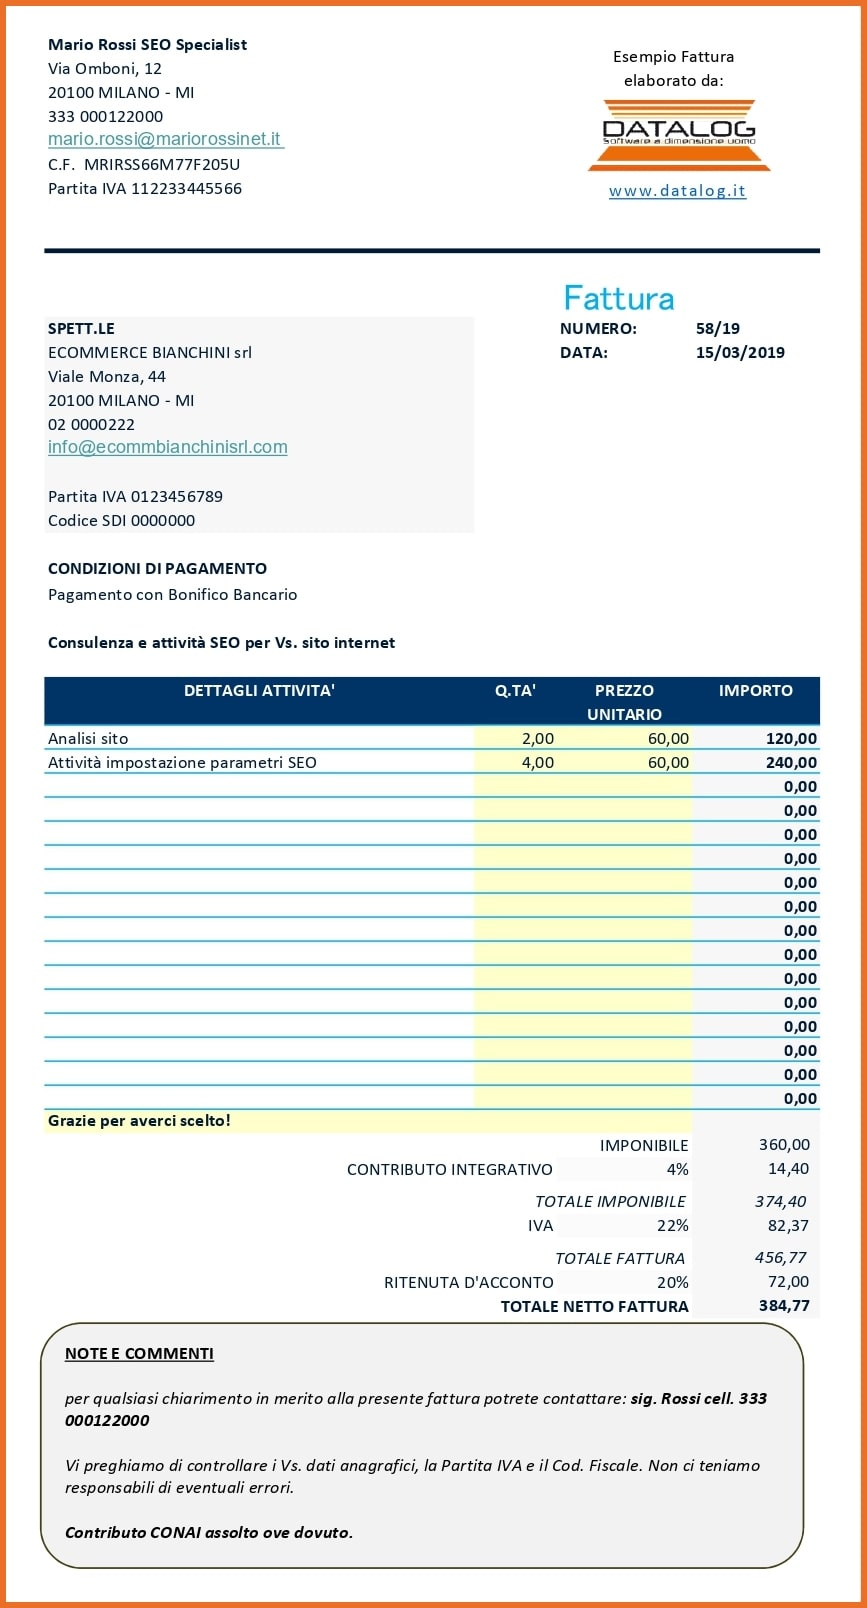 Modello Fattura Excel Ritenuta di acconto e Contributo integrativo